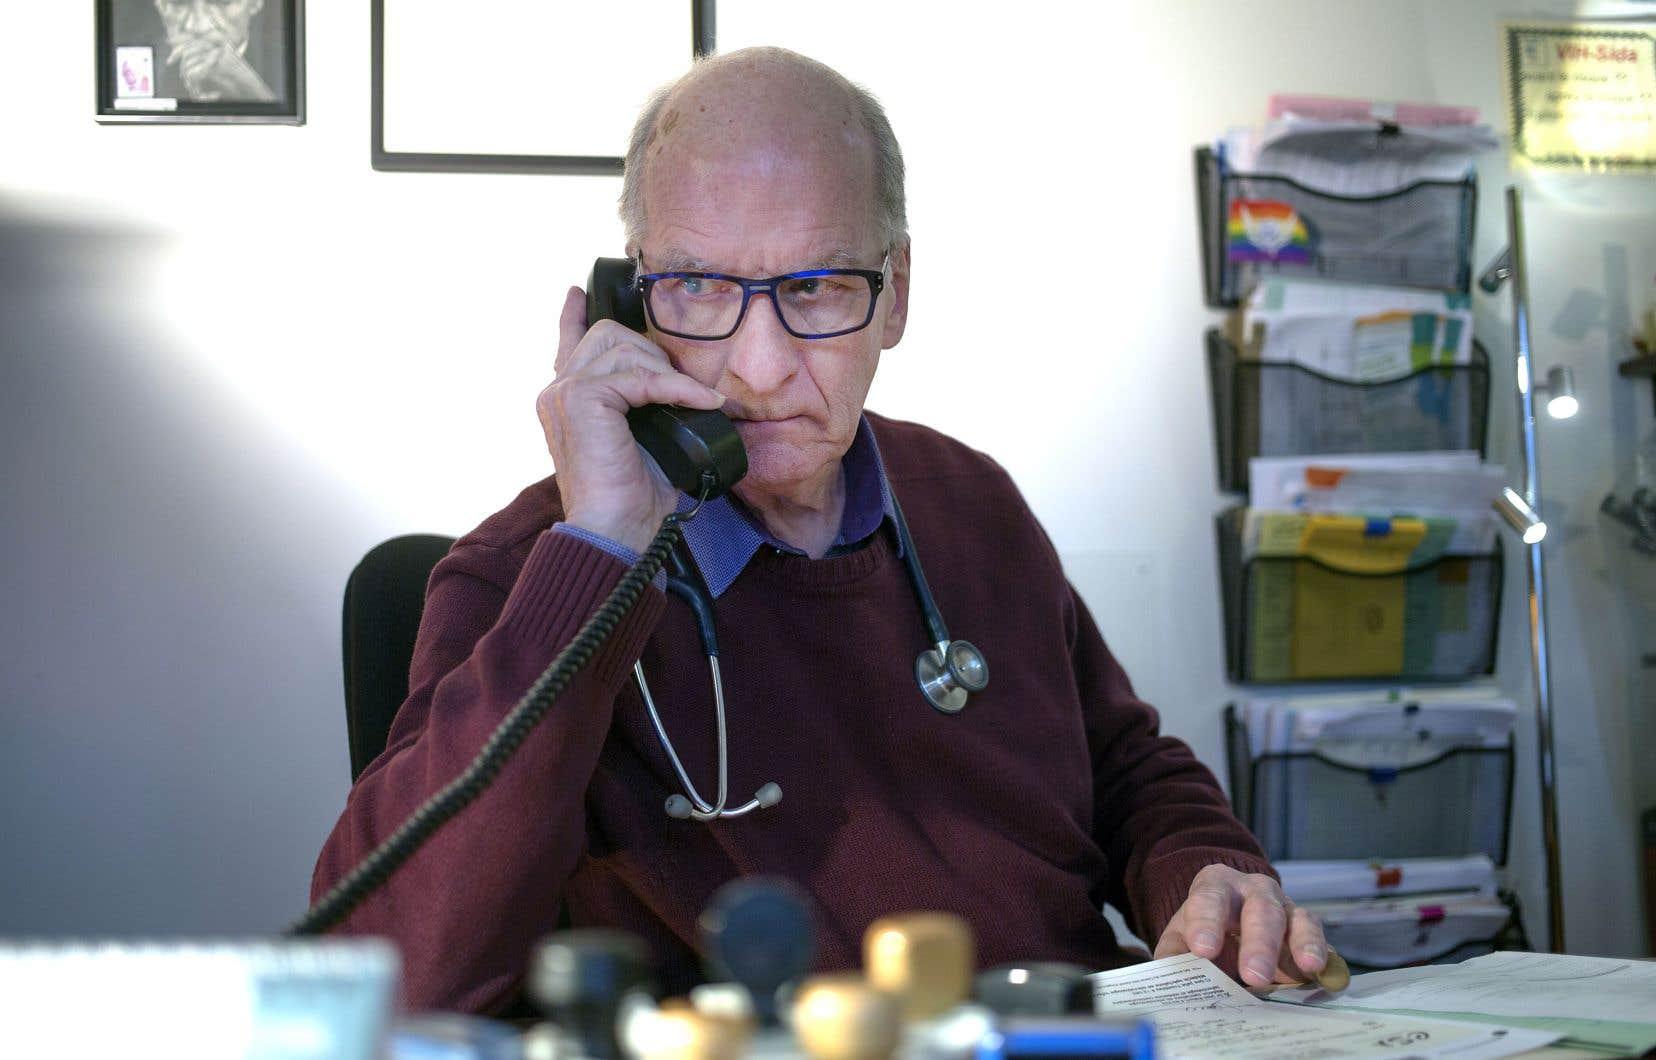 Au contact de ses patients qui sont rejetés par le système de santé, le DrRobert a retenu deux règles d'or pour les apprivoiser et les aider: «les écouter sans juger et les accompagner dans leur décision».